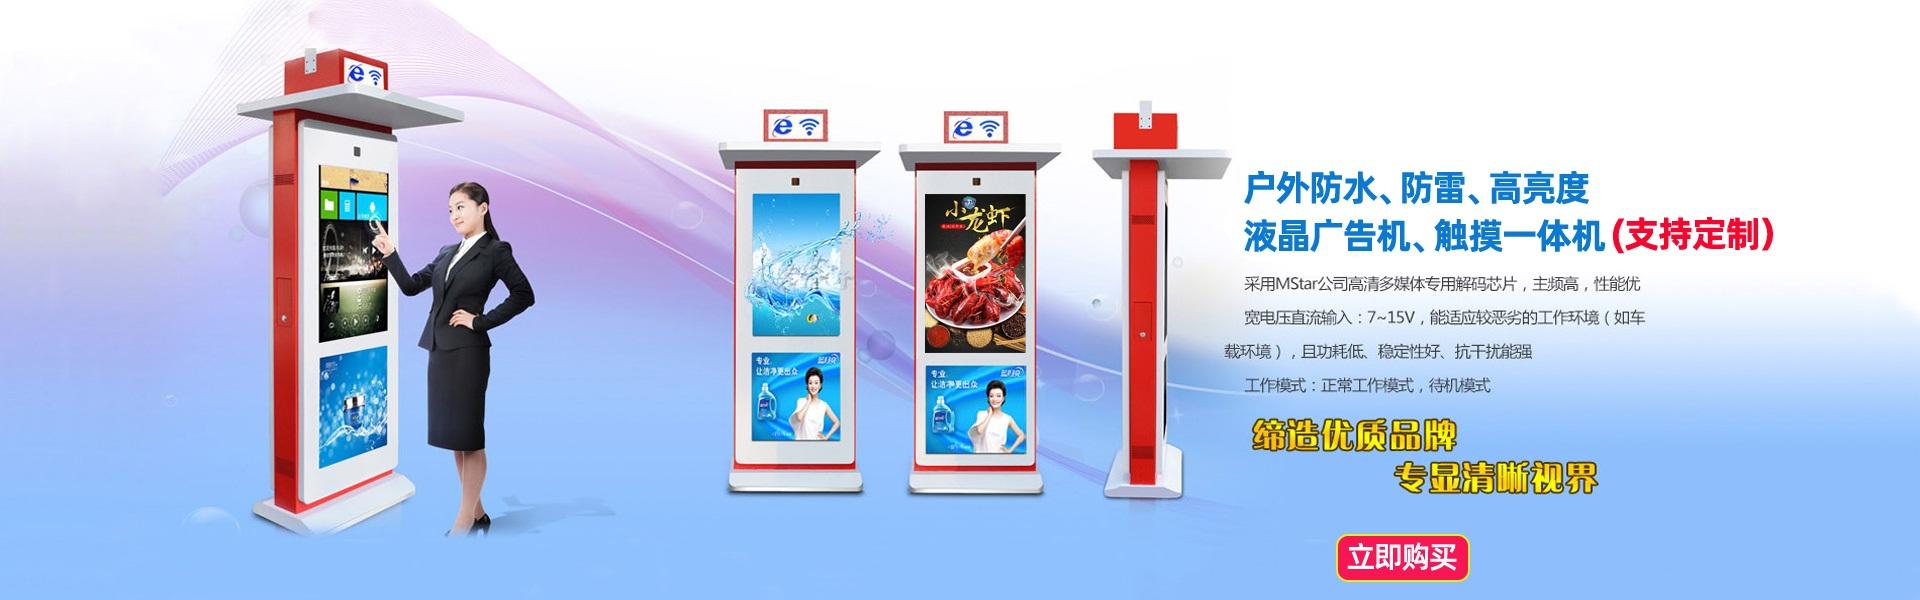 深圳市欣创鑫电子科技有限公司